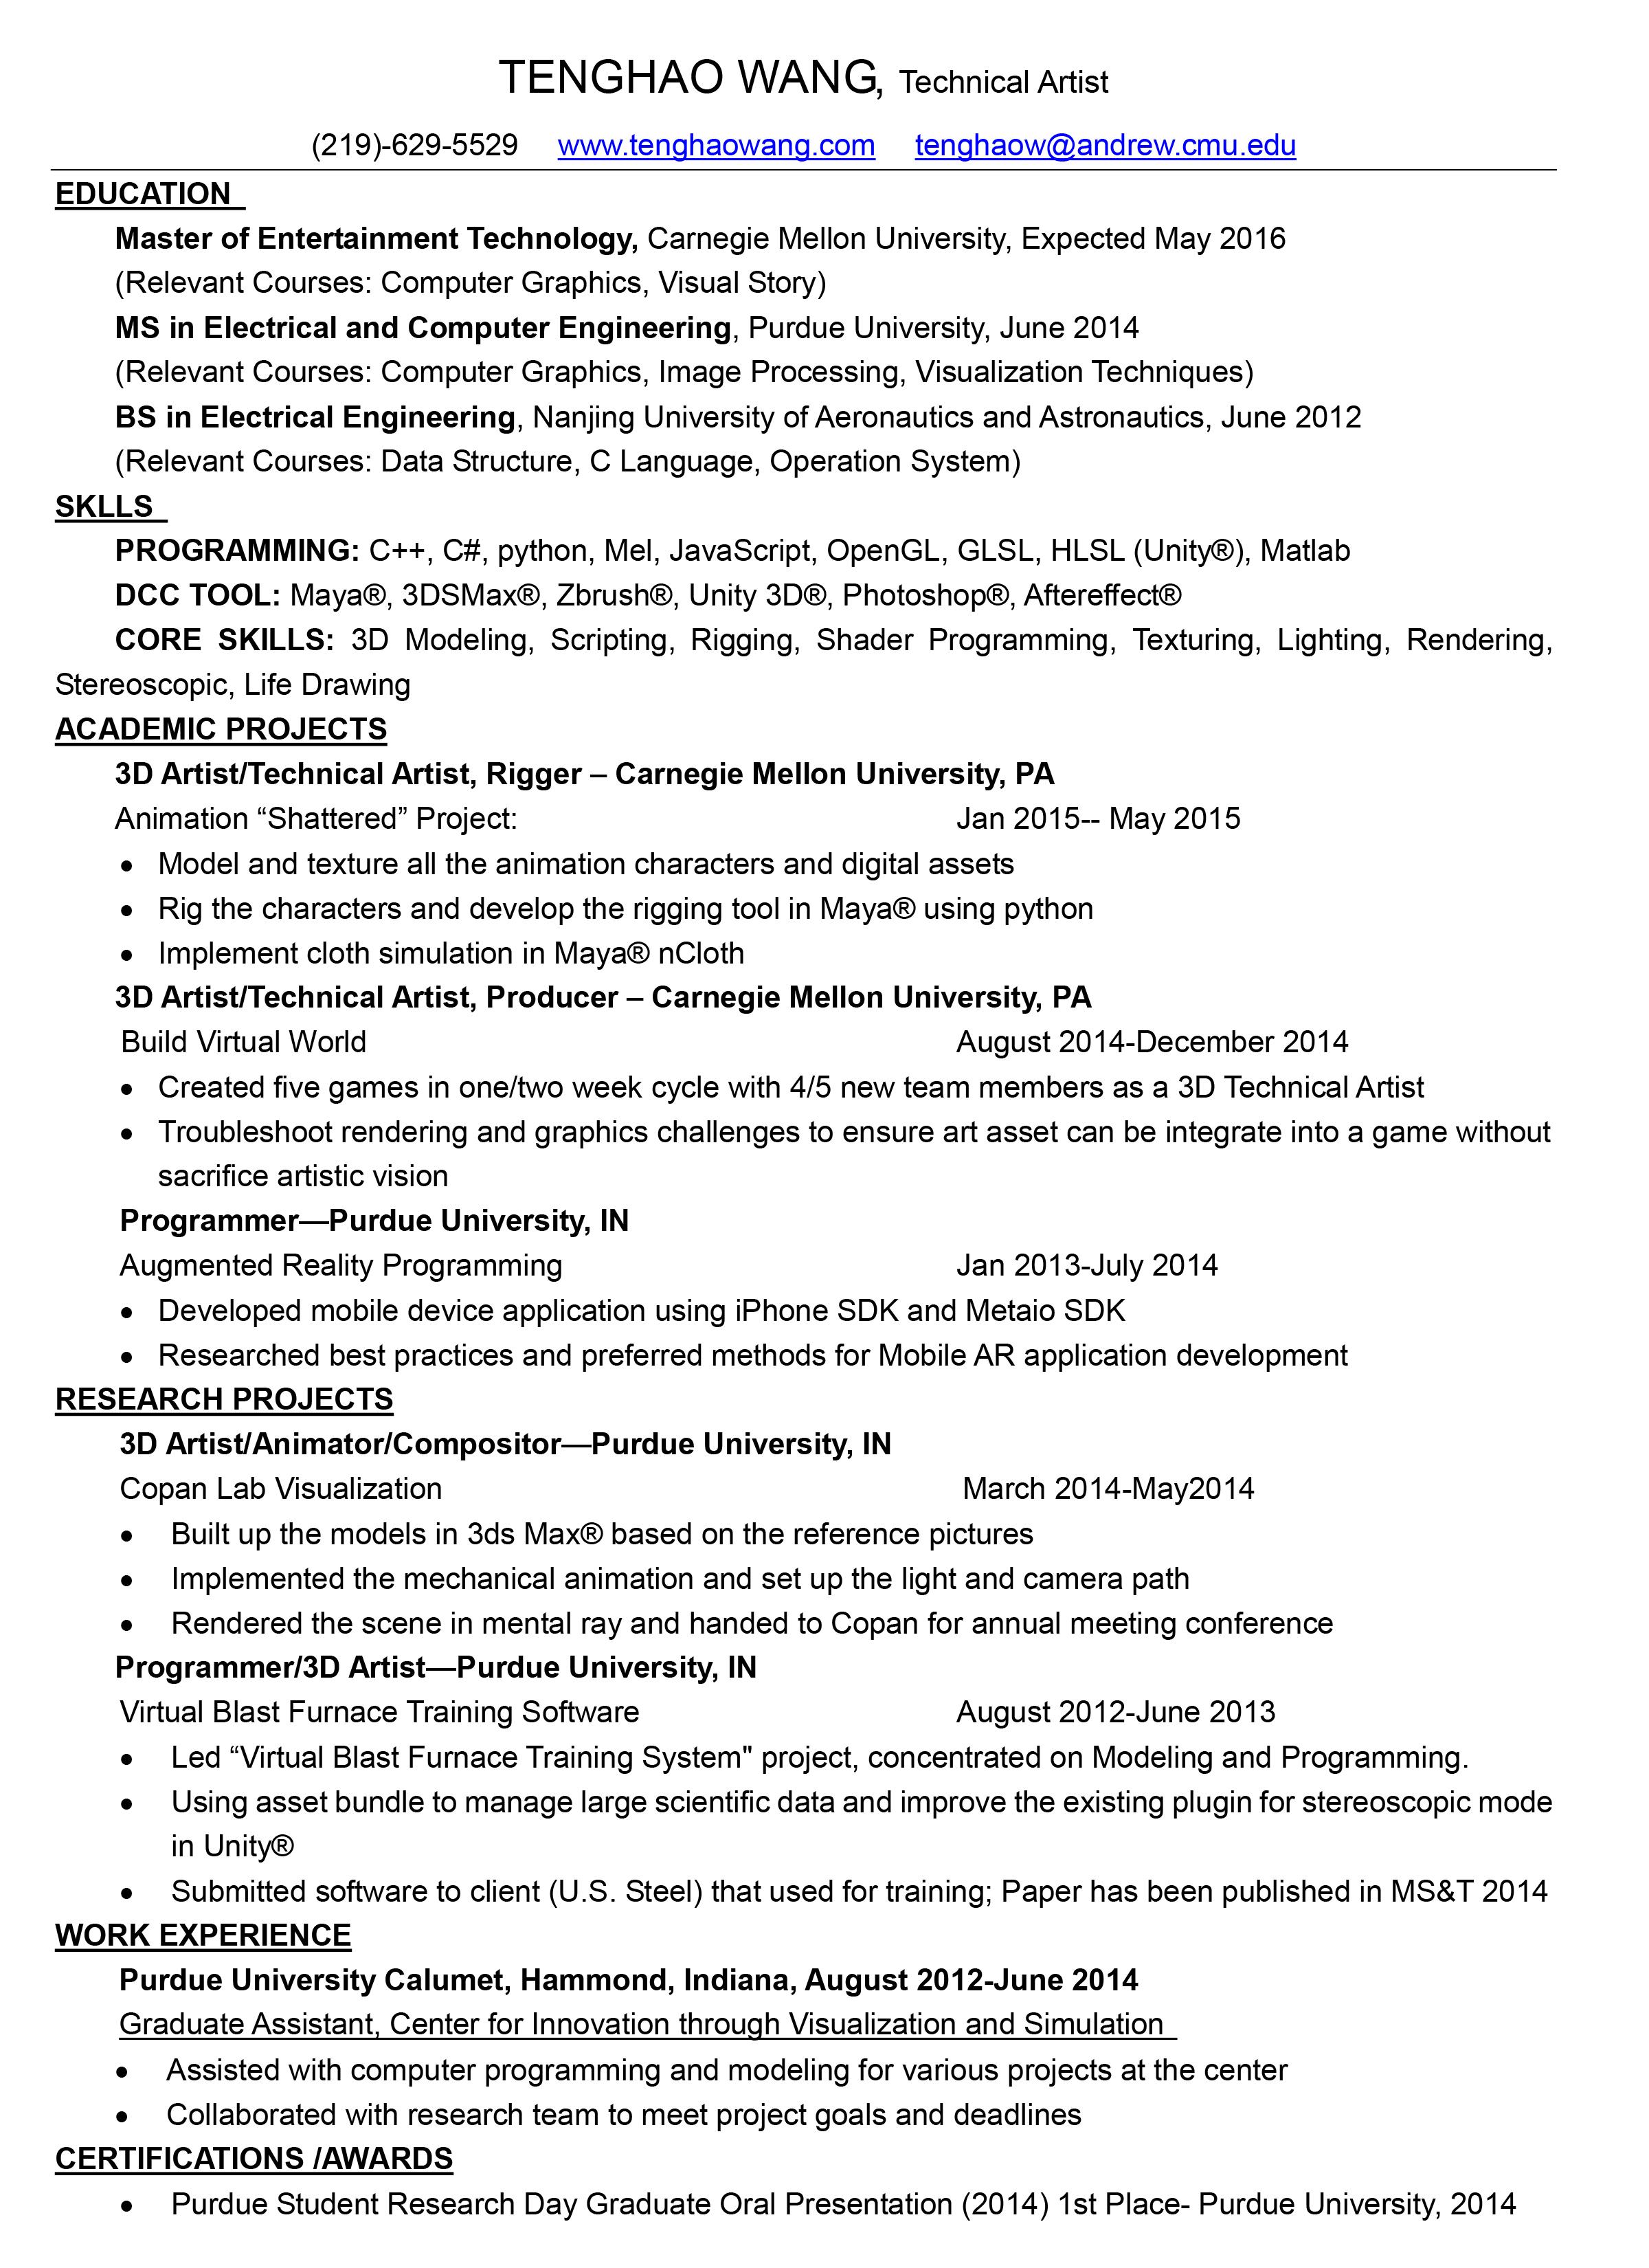 Resume_Tenghao.png